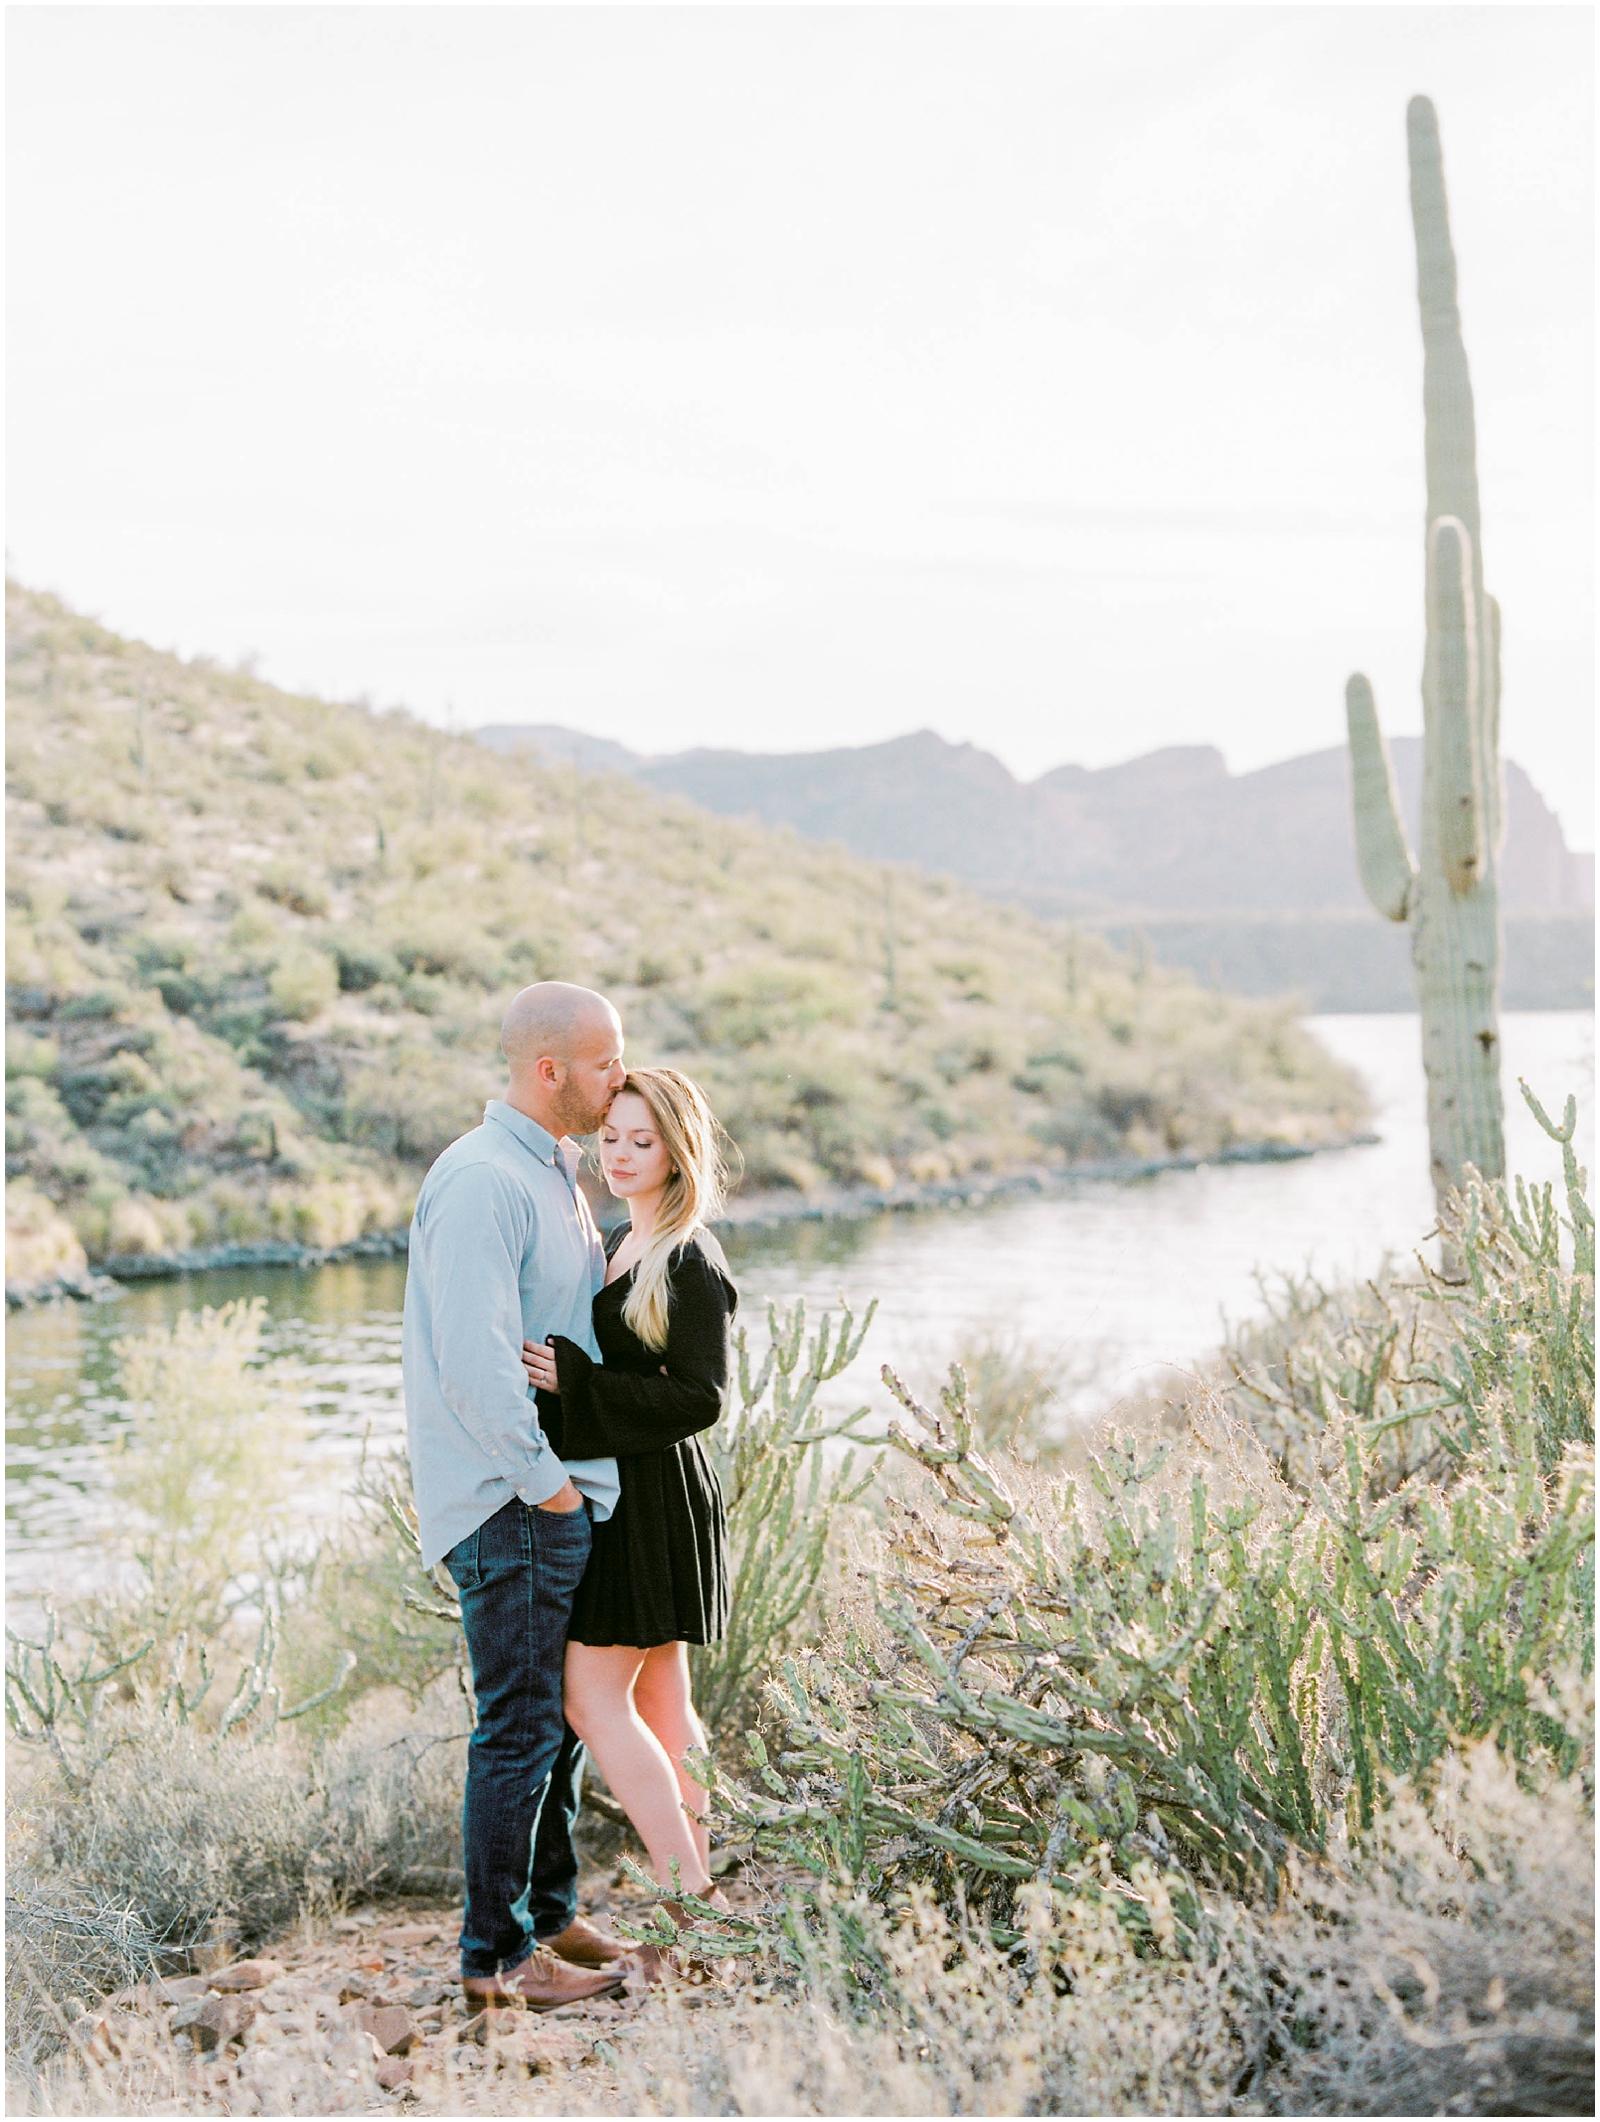 SAGUARO LAKE ENGAGEMENT – KATIE & RYAN